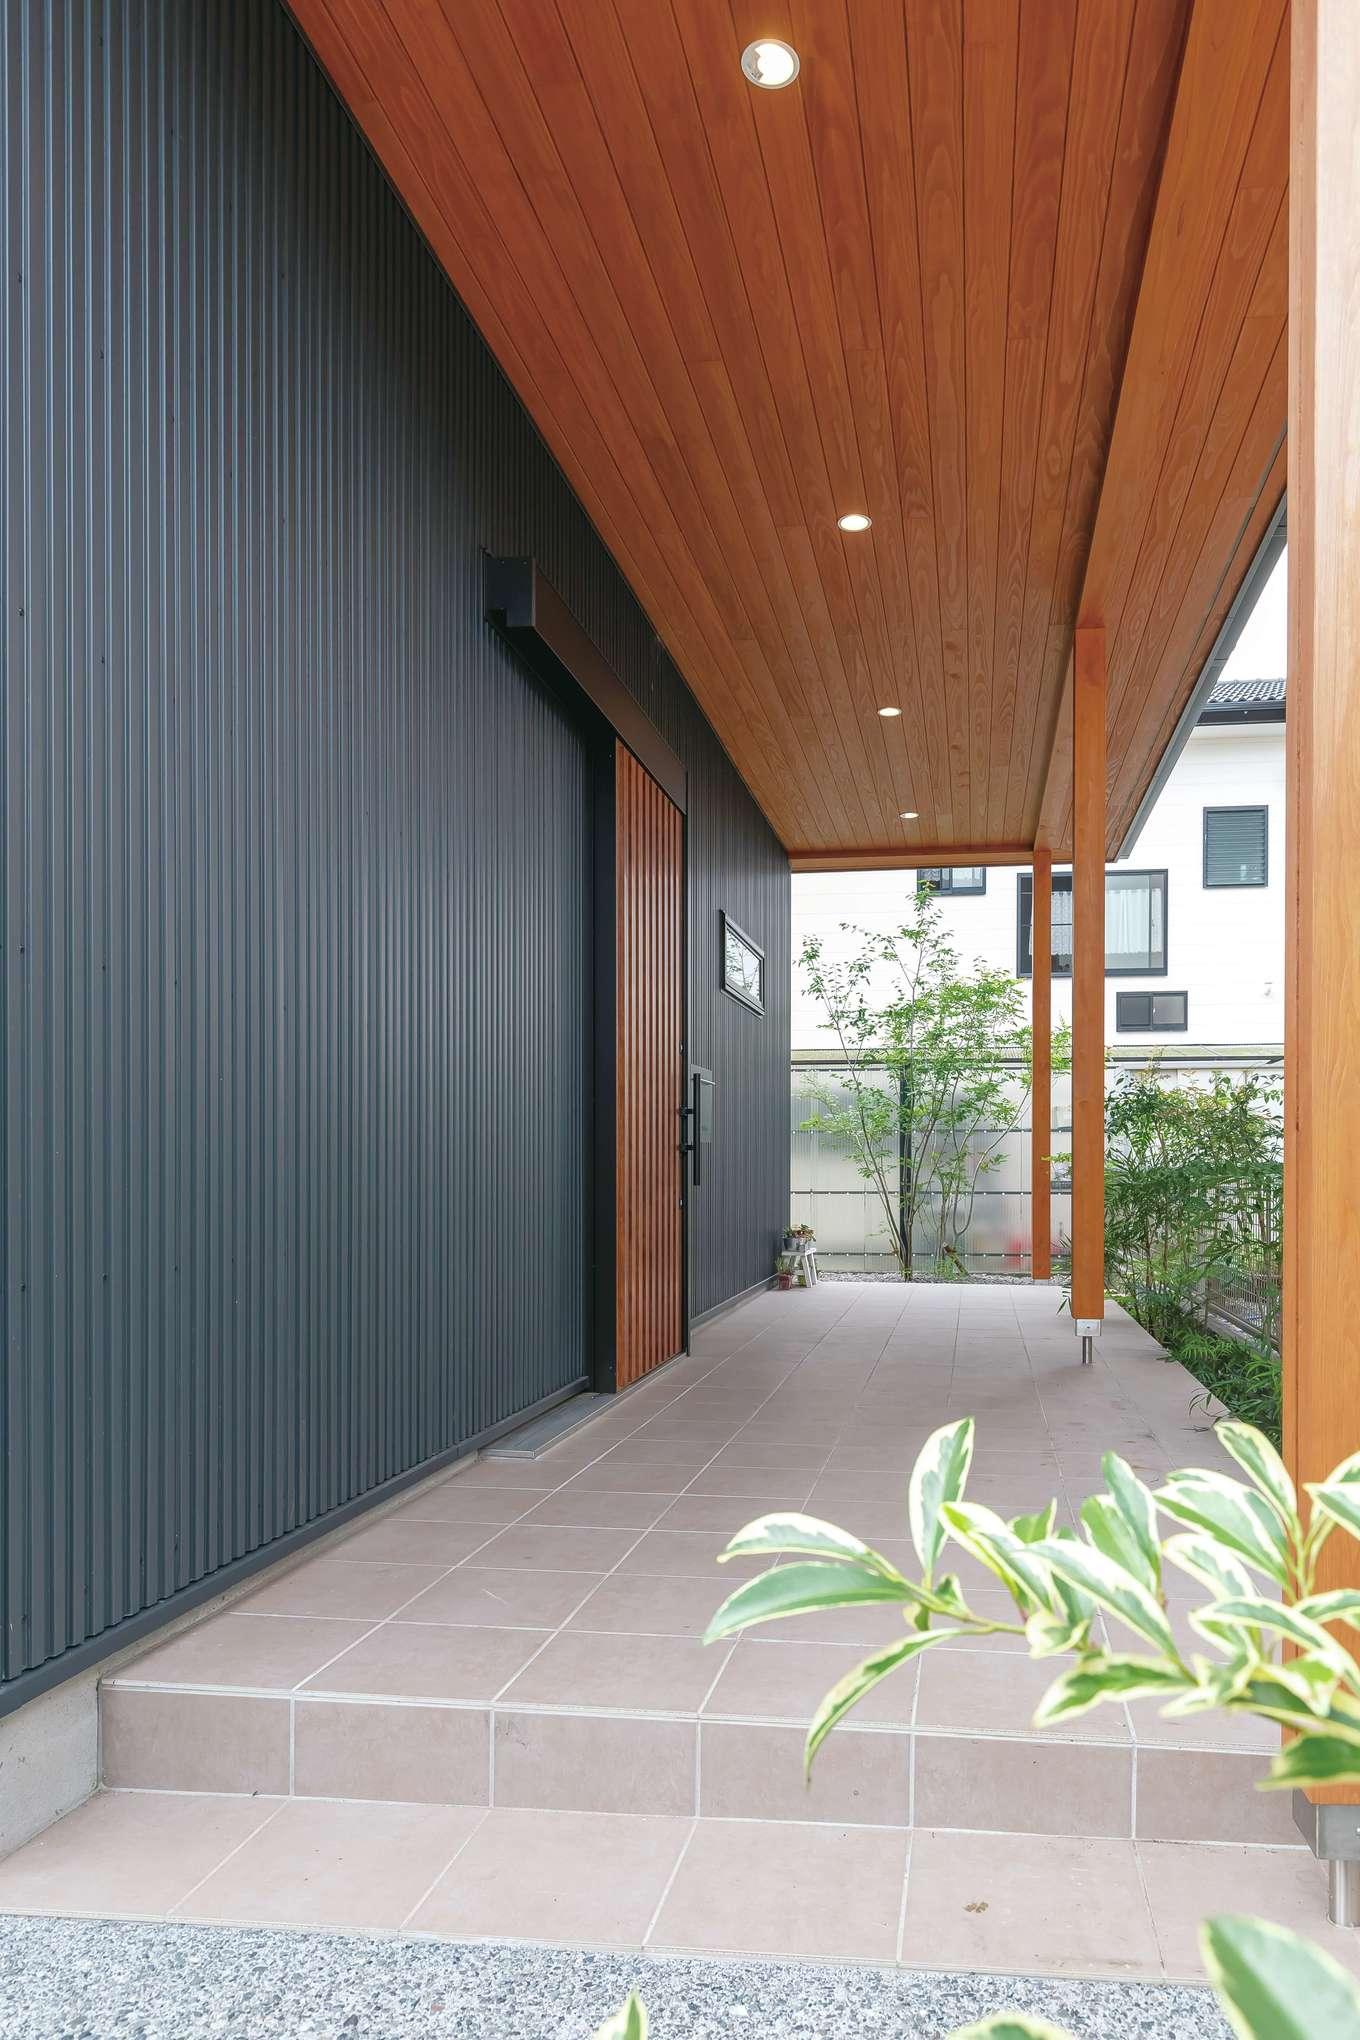 フジモクの家(富士木材)【デザイン住宅、子育て、自然素材】雨に濡れない玄関ポーチ。目線が抜けて気持ちいい